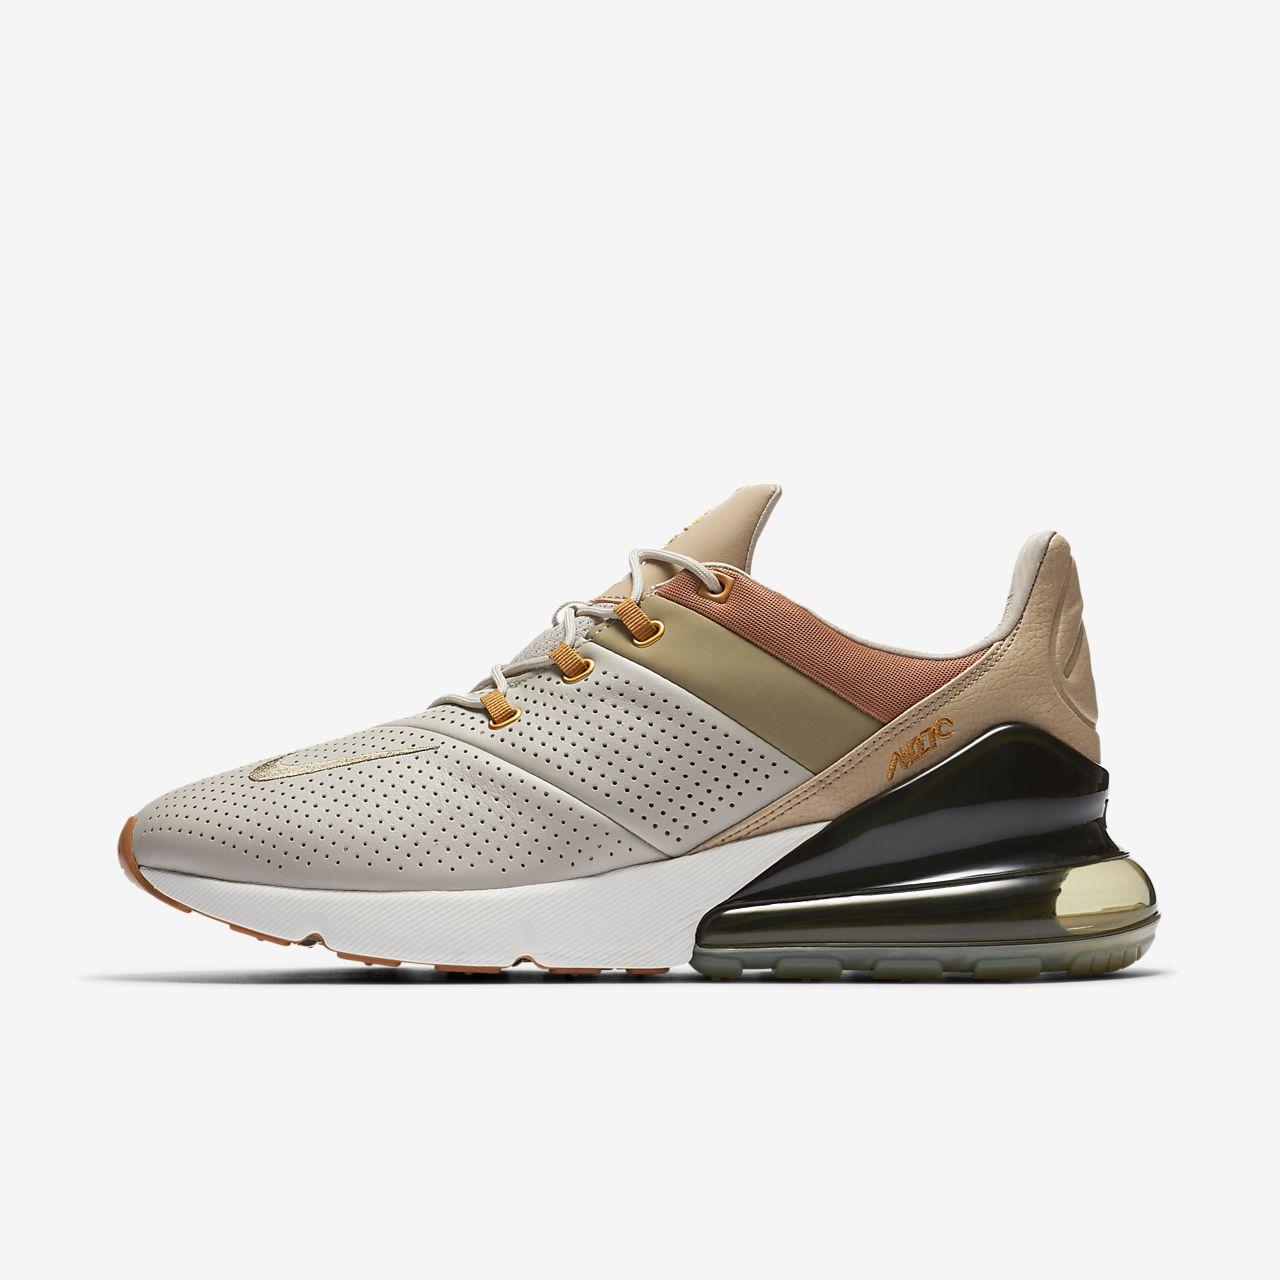 Chaussure Nike Air Max 270 Premium pour Homme